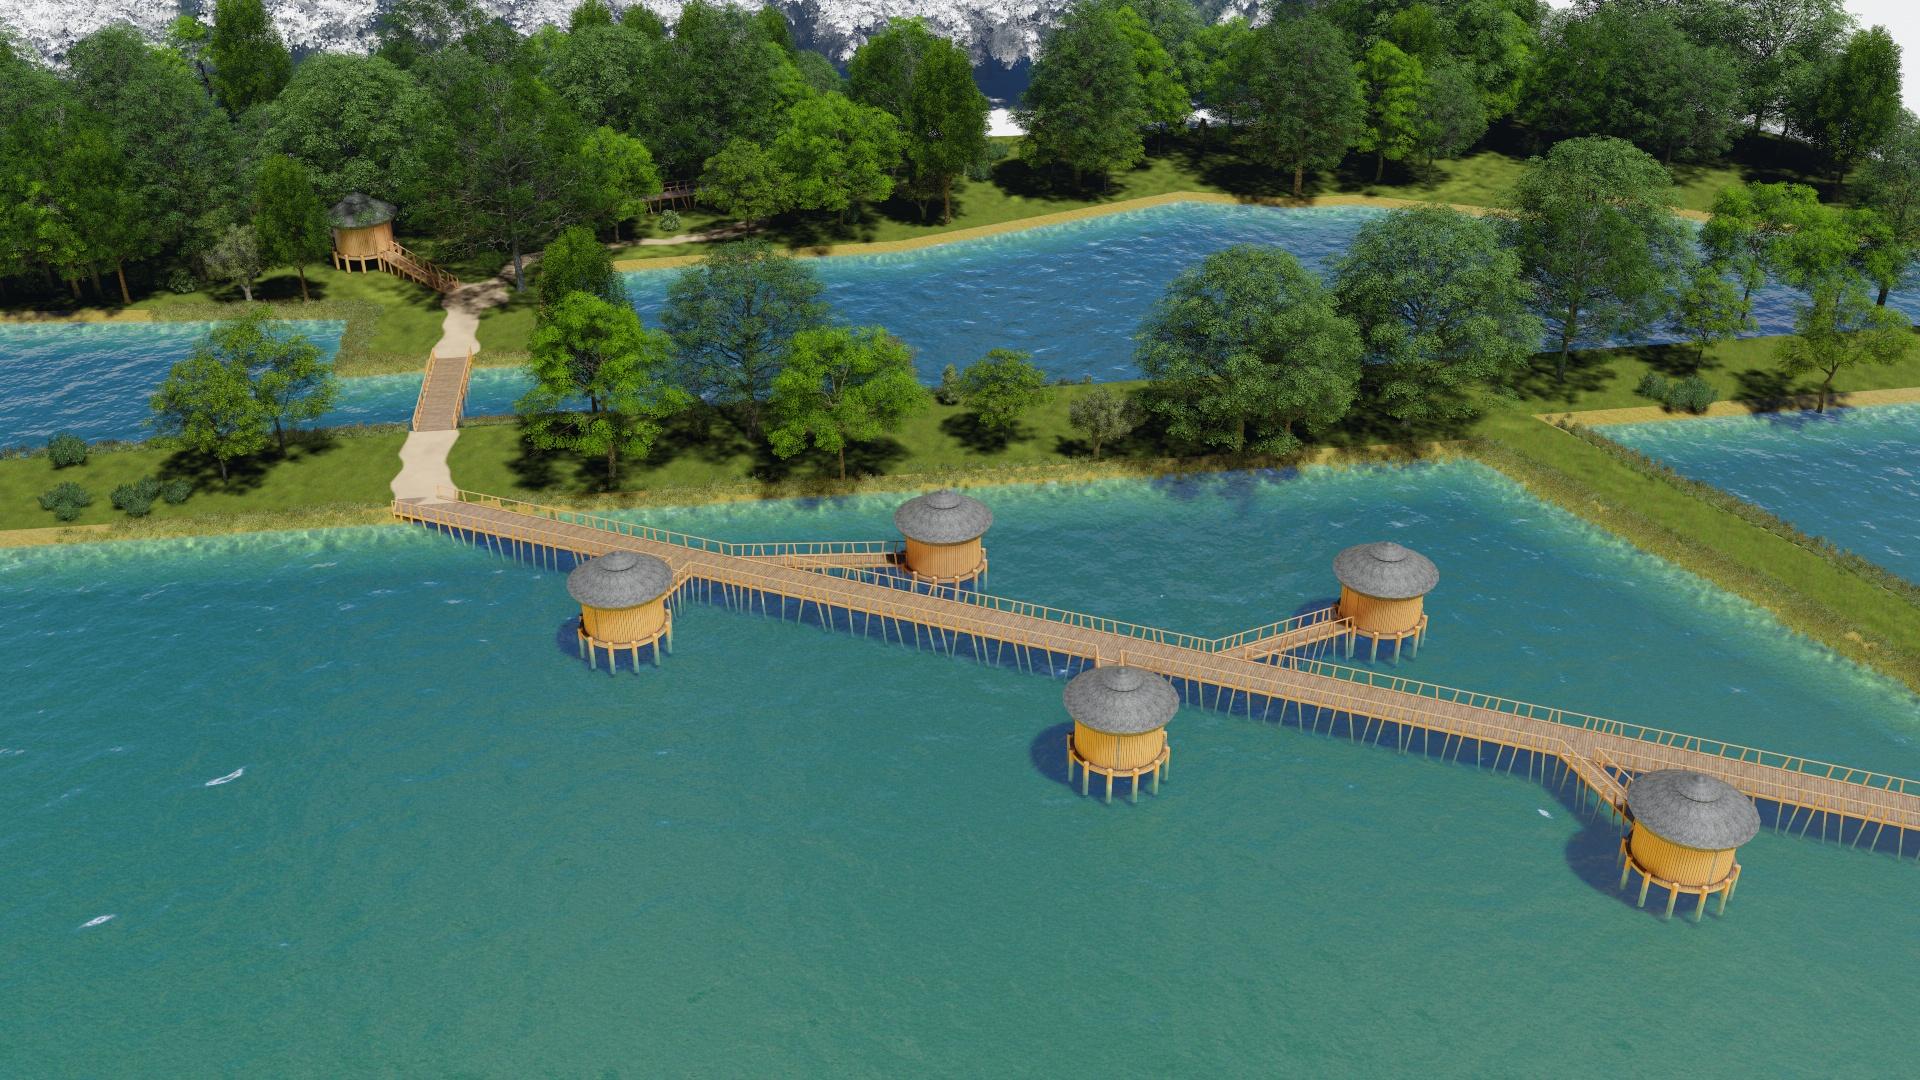 faházak a vízre (nádas) építve